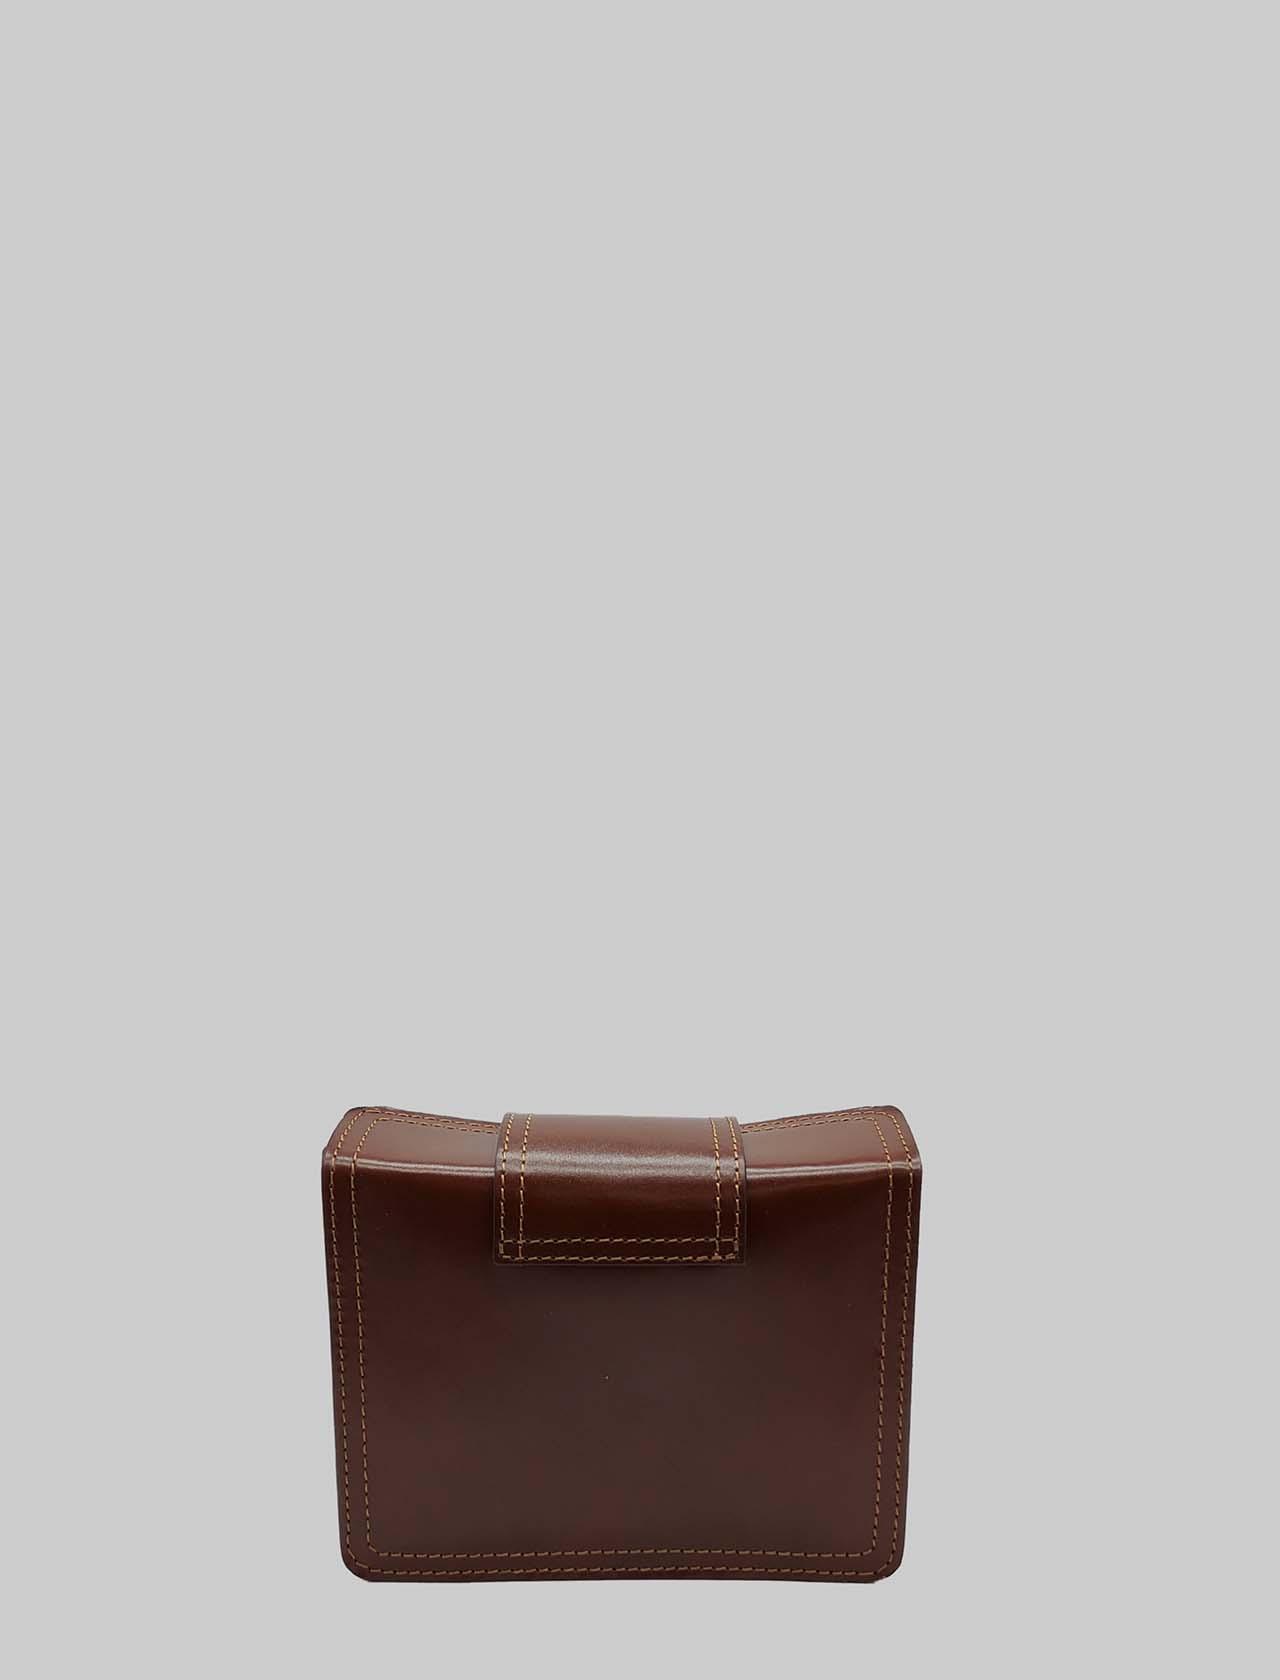 Borsa Donna Clutch Piccola in Pelle Cuoio con Tracolla Regolabile in Tinta Spatarella | Borse e zaini | PE0204014